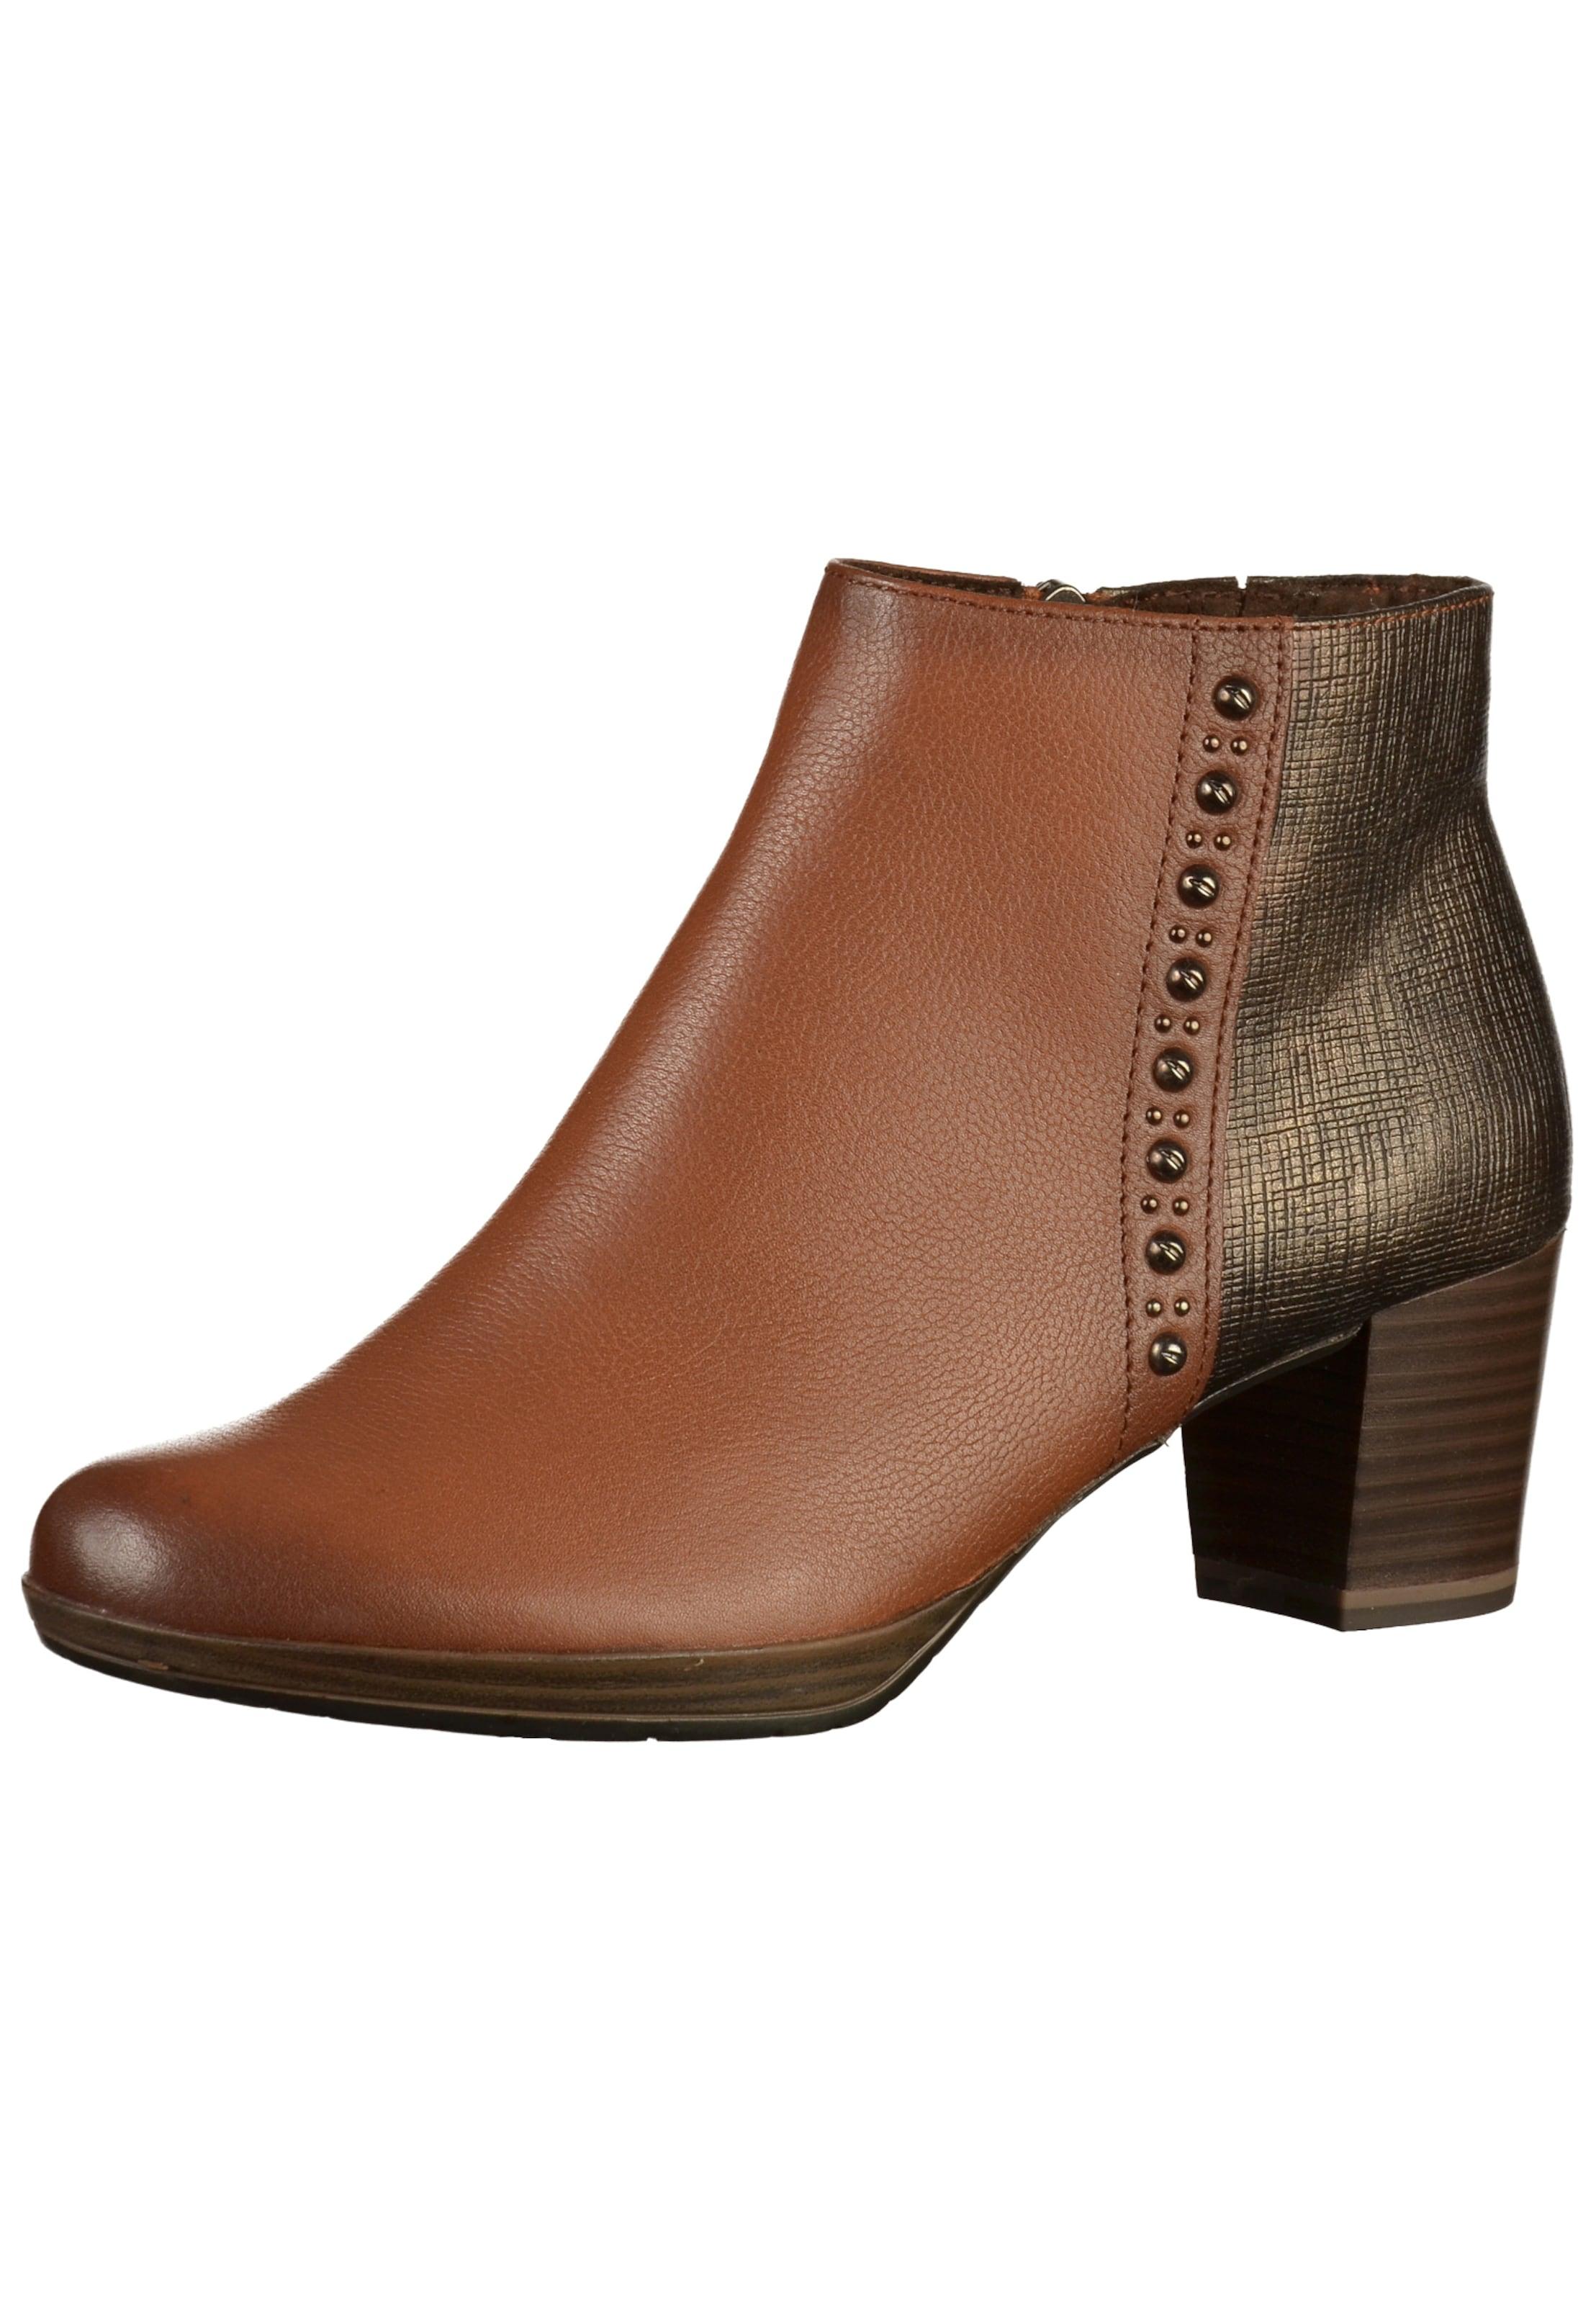 MARCO TOZZI Stiefelette Verschleißfeste billige Schuhe